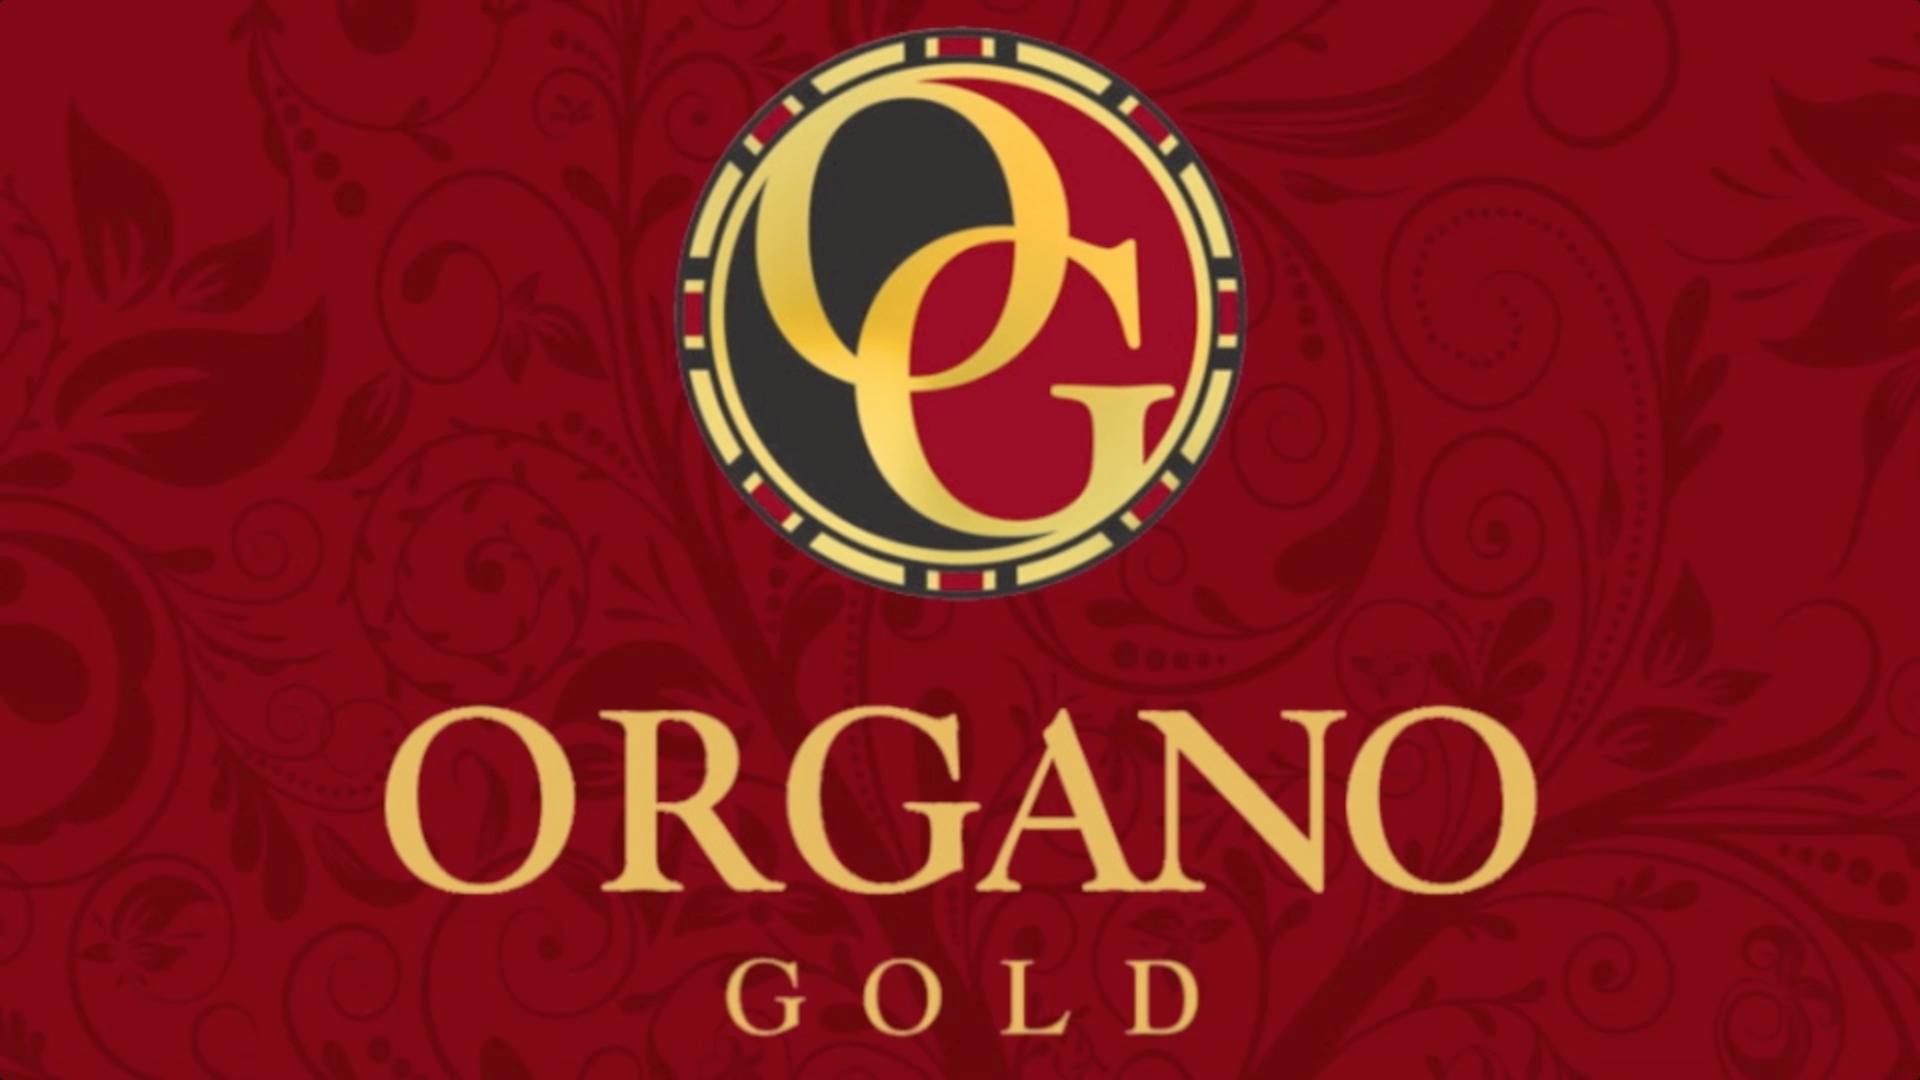 What Restaurant Logo Is An Orange P